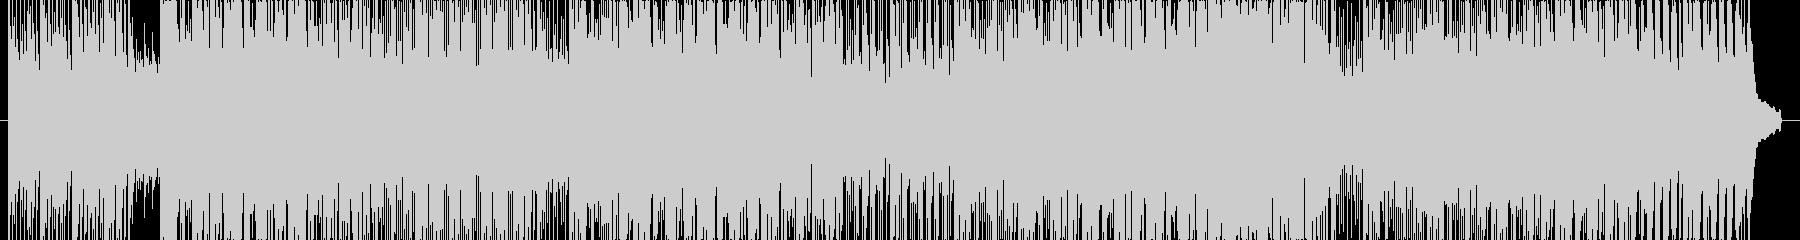 ほのぼのとした暖かいピアノメインのBGMの未再生の波形